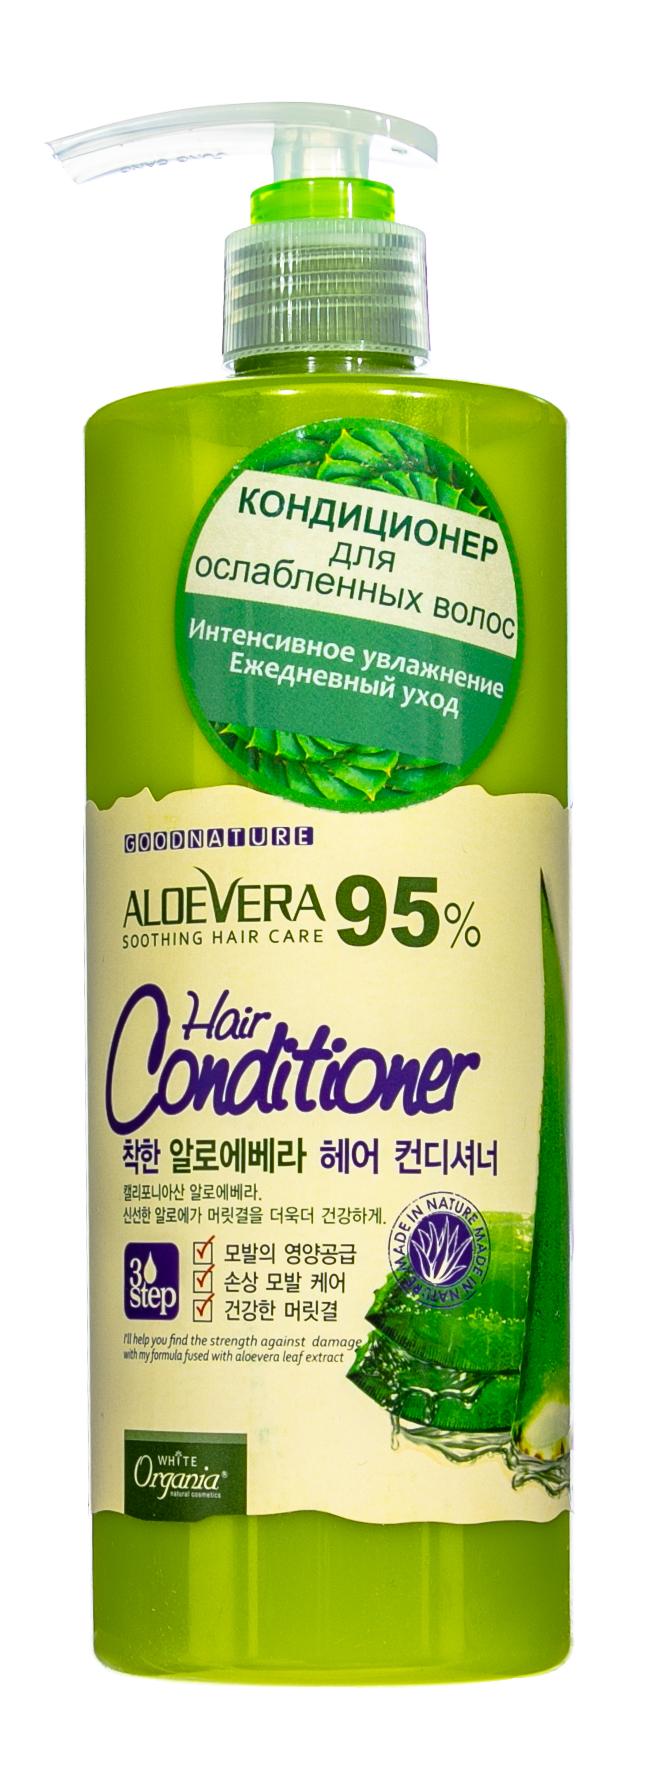 Купить White Organia Кондиционер для ослабленных волос White Organia с соком листьев алоэ, моркови и тыквы, 500 мл (White Organia, Для волос), Южная Корея